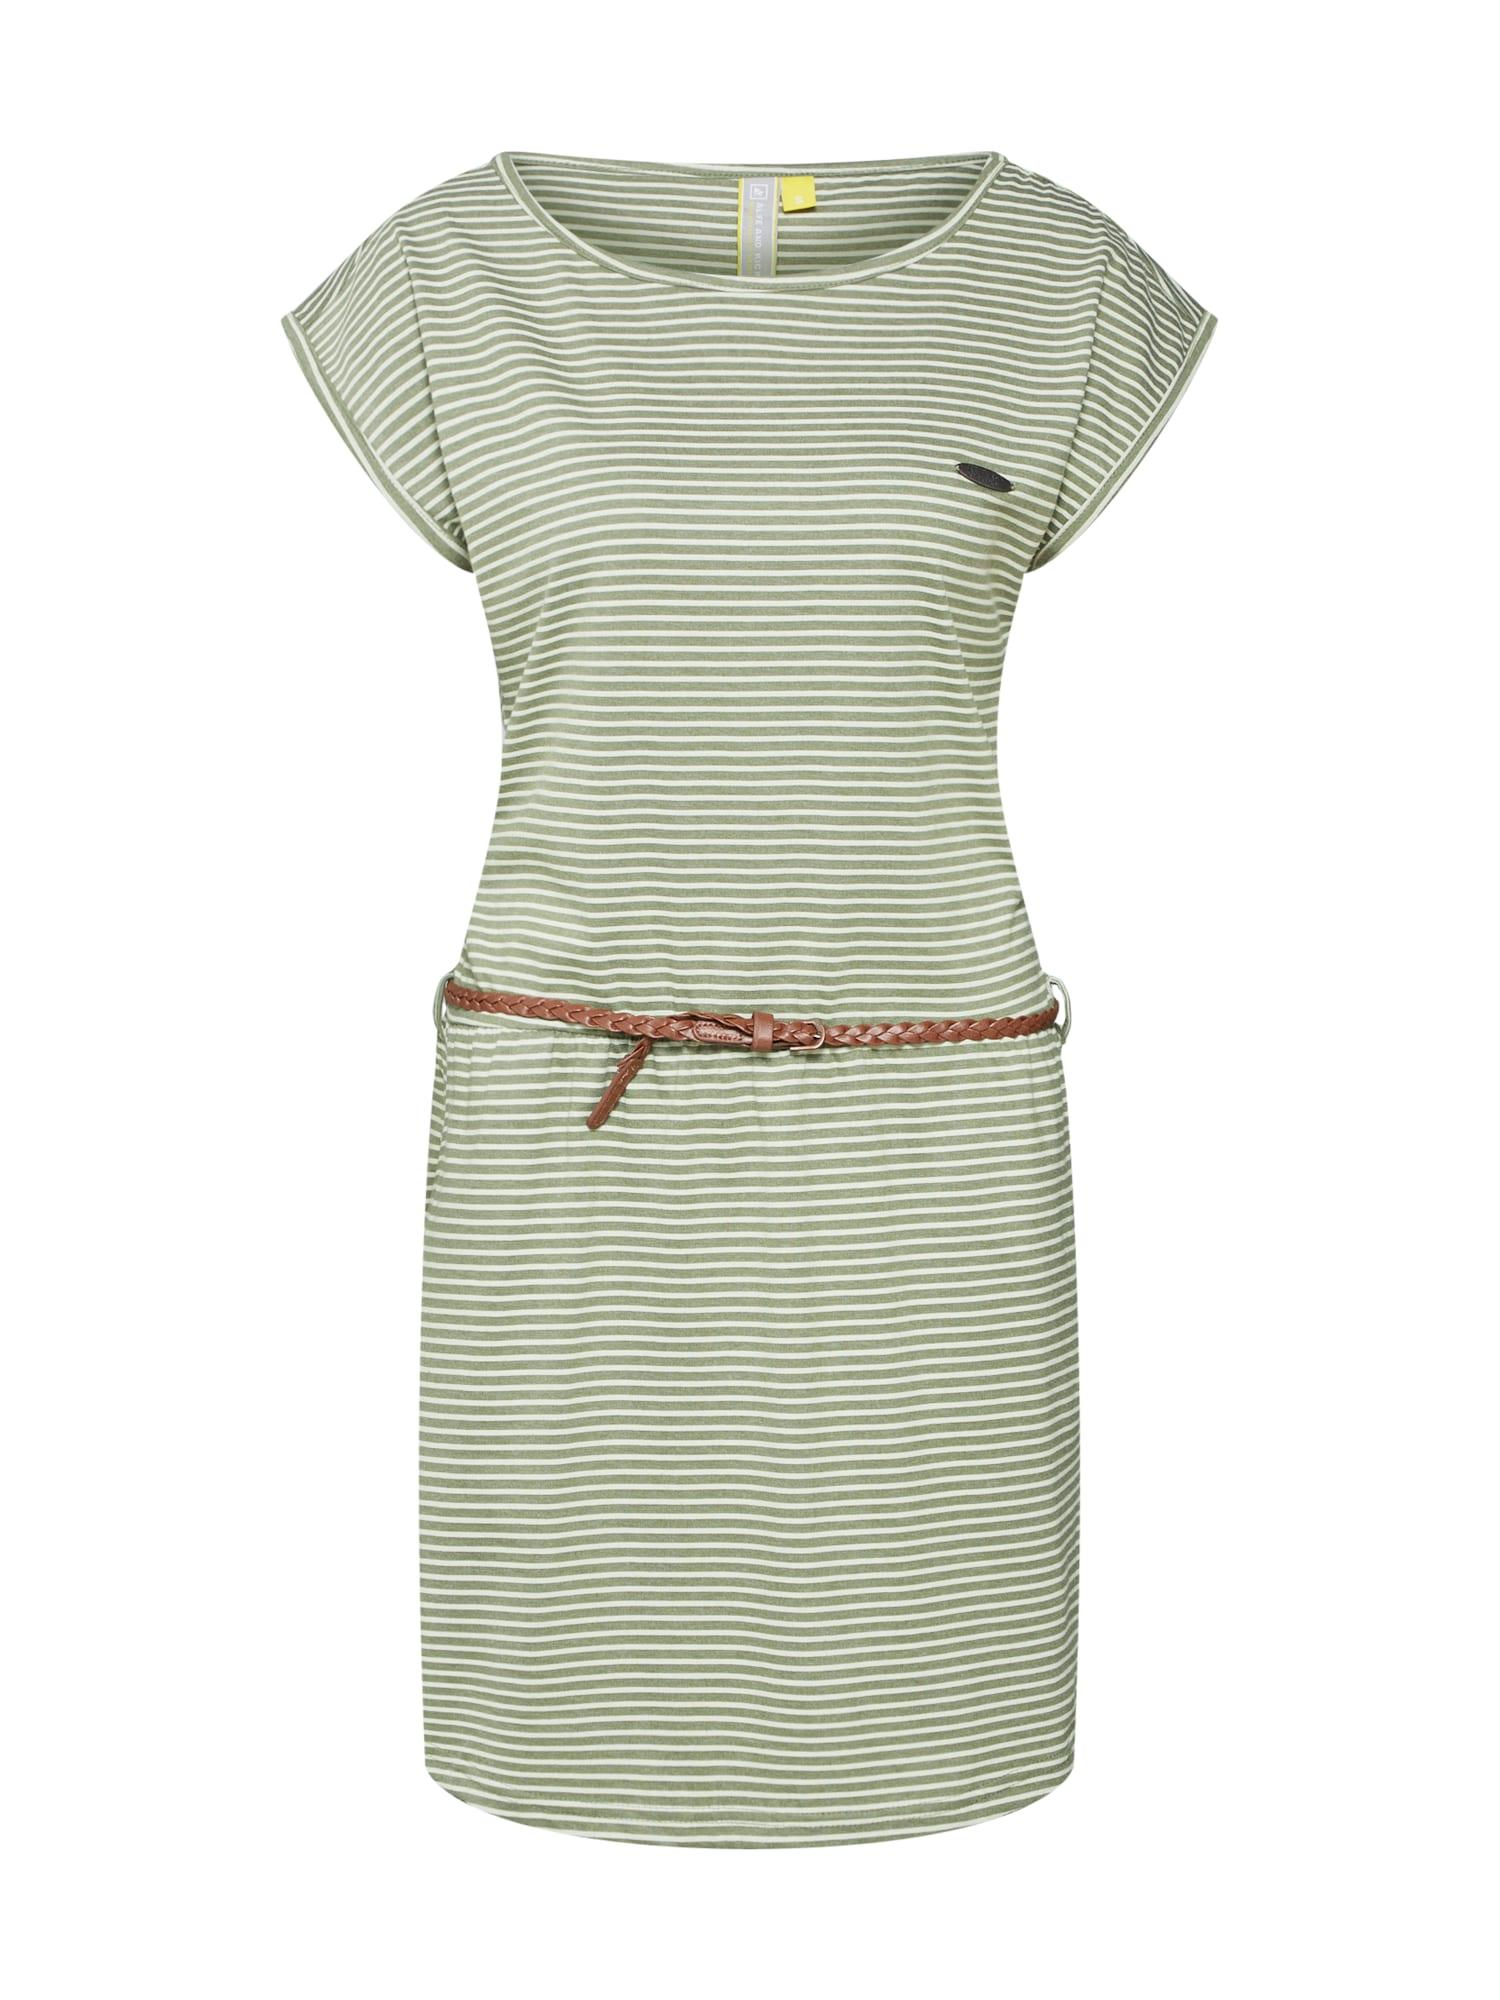 Letní šaty THEA khaki olivová Alife And Kickin